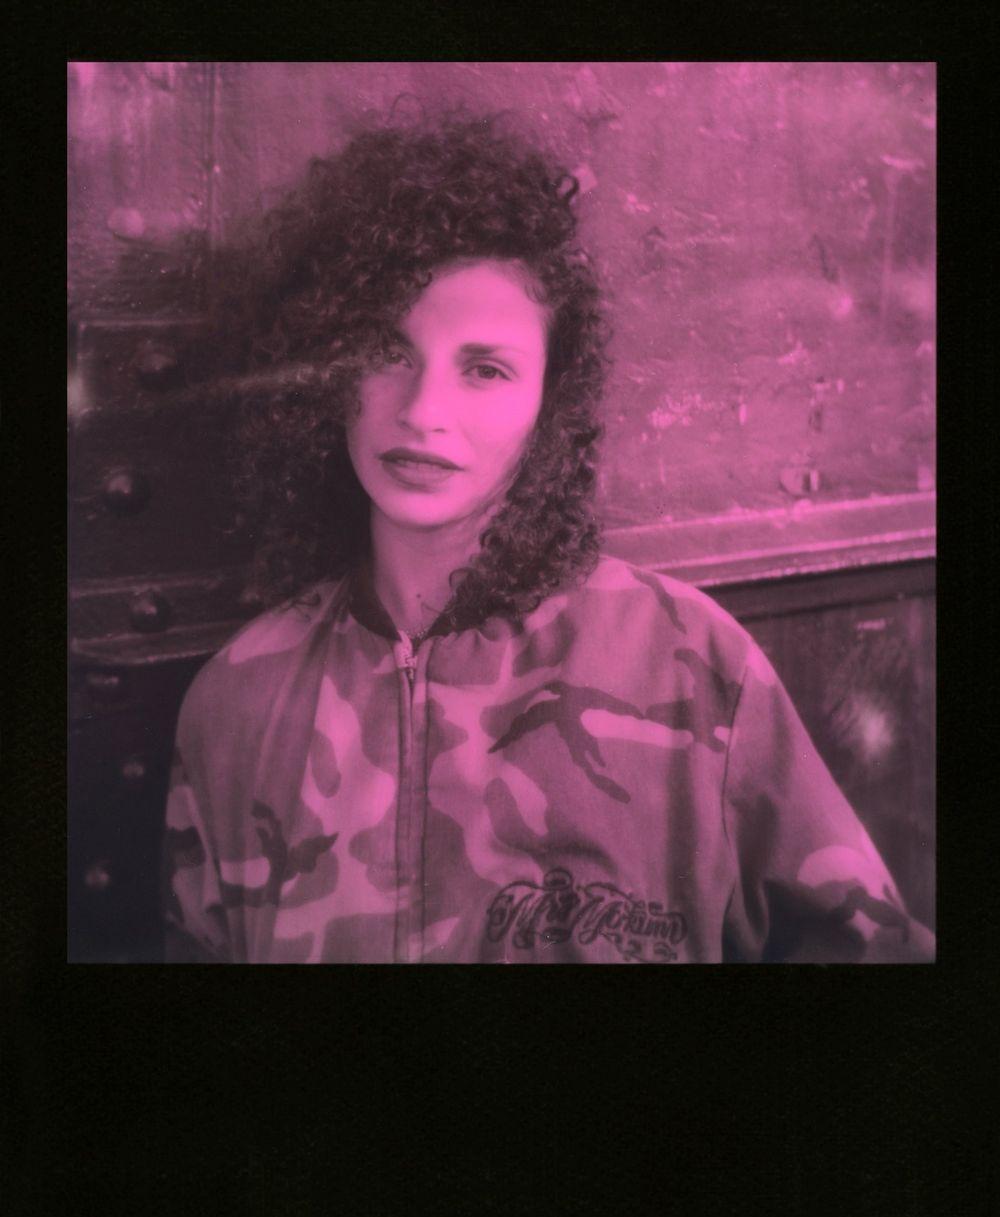 Film: Polaroid Originals Instant Black & Pink Film for 600